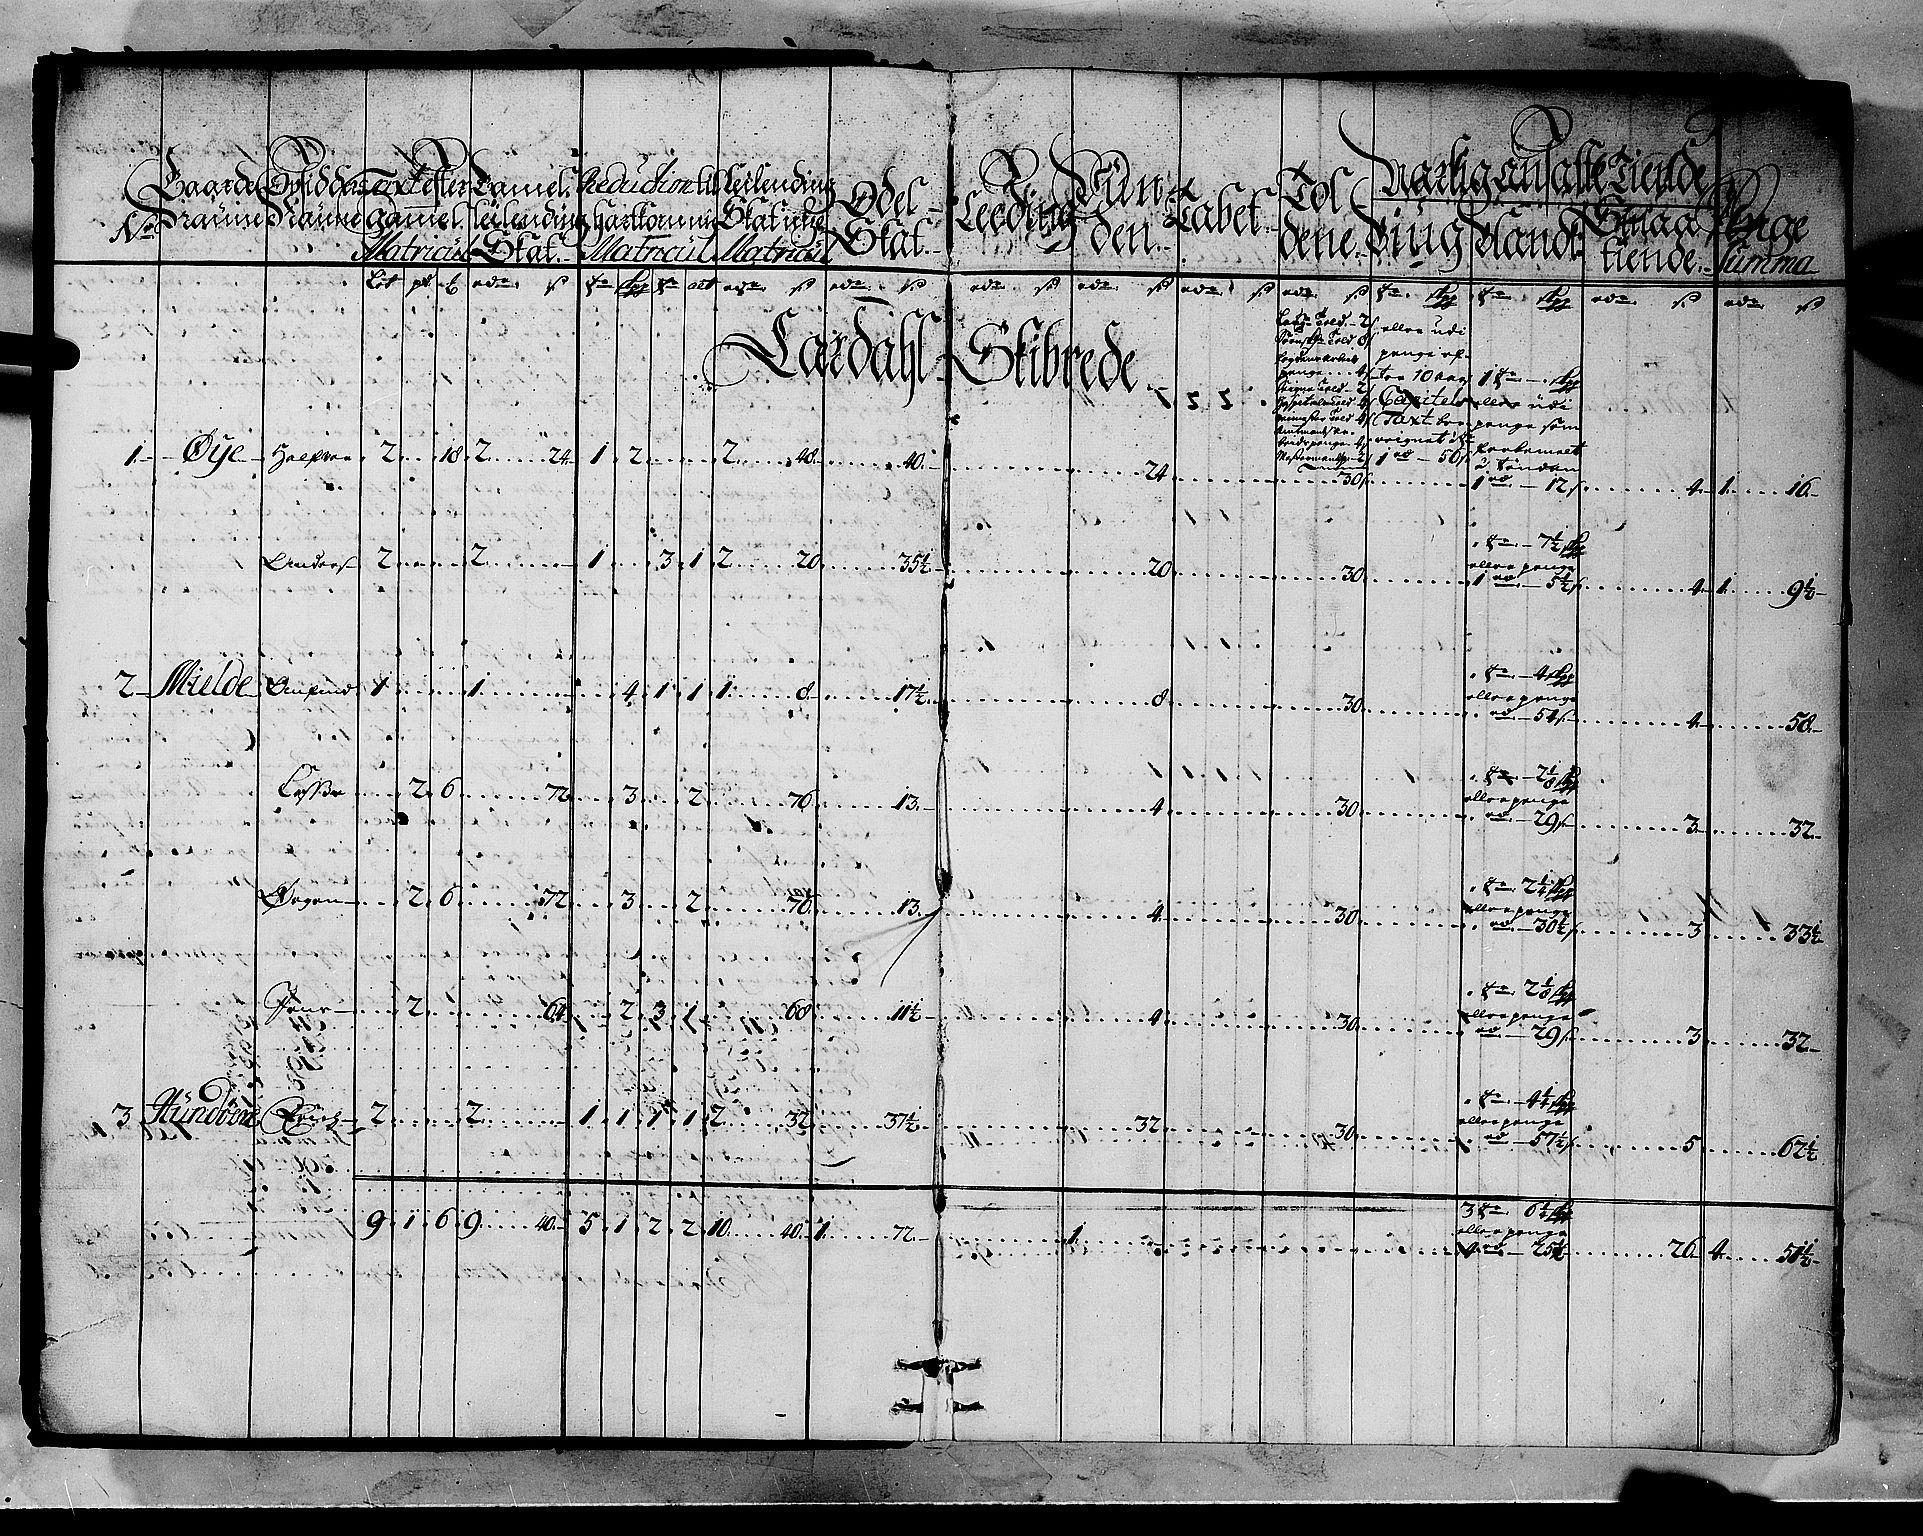 RA, Rentekammeret inntil 1814, Realistisk ordnet avdeling, N/Nb/Nbf/L0144: Indre Sogn matrikkelprotokoll, 1723, s. 4-5